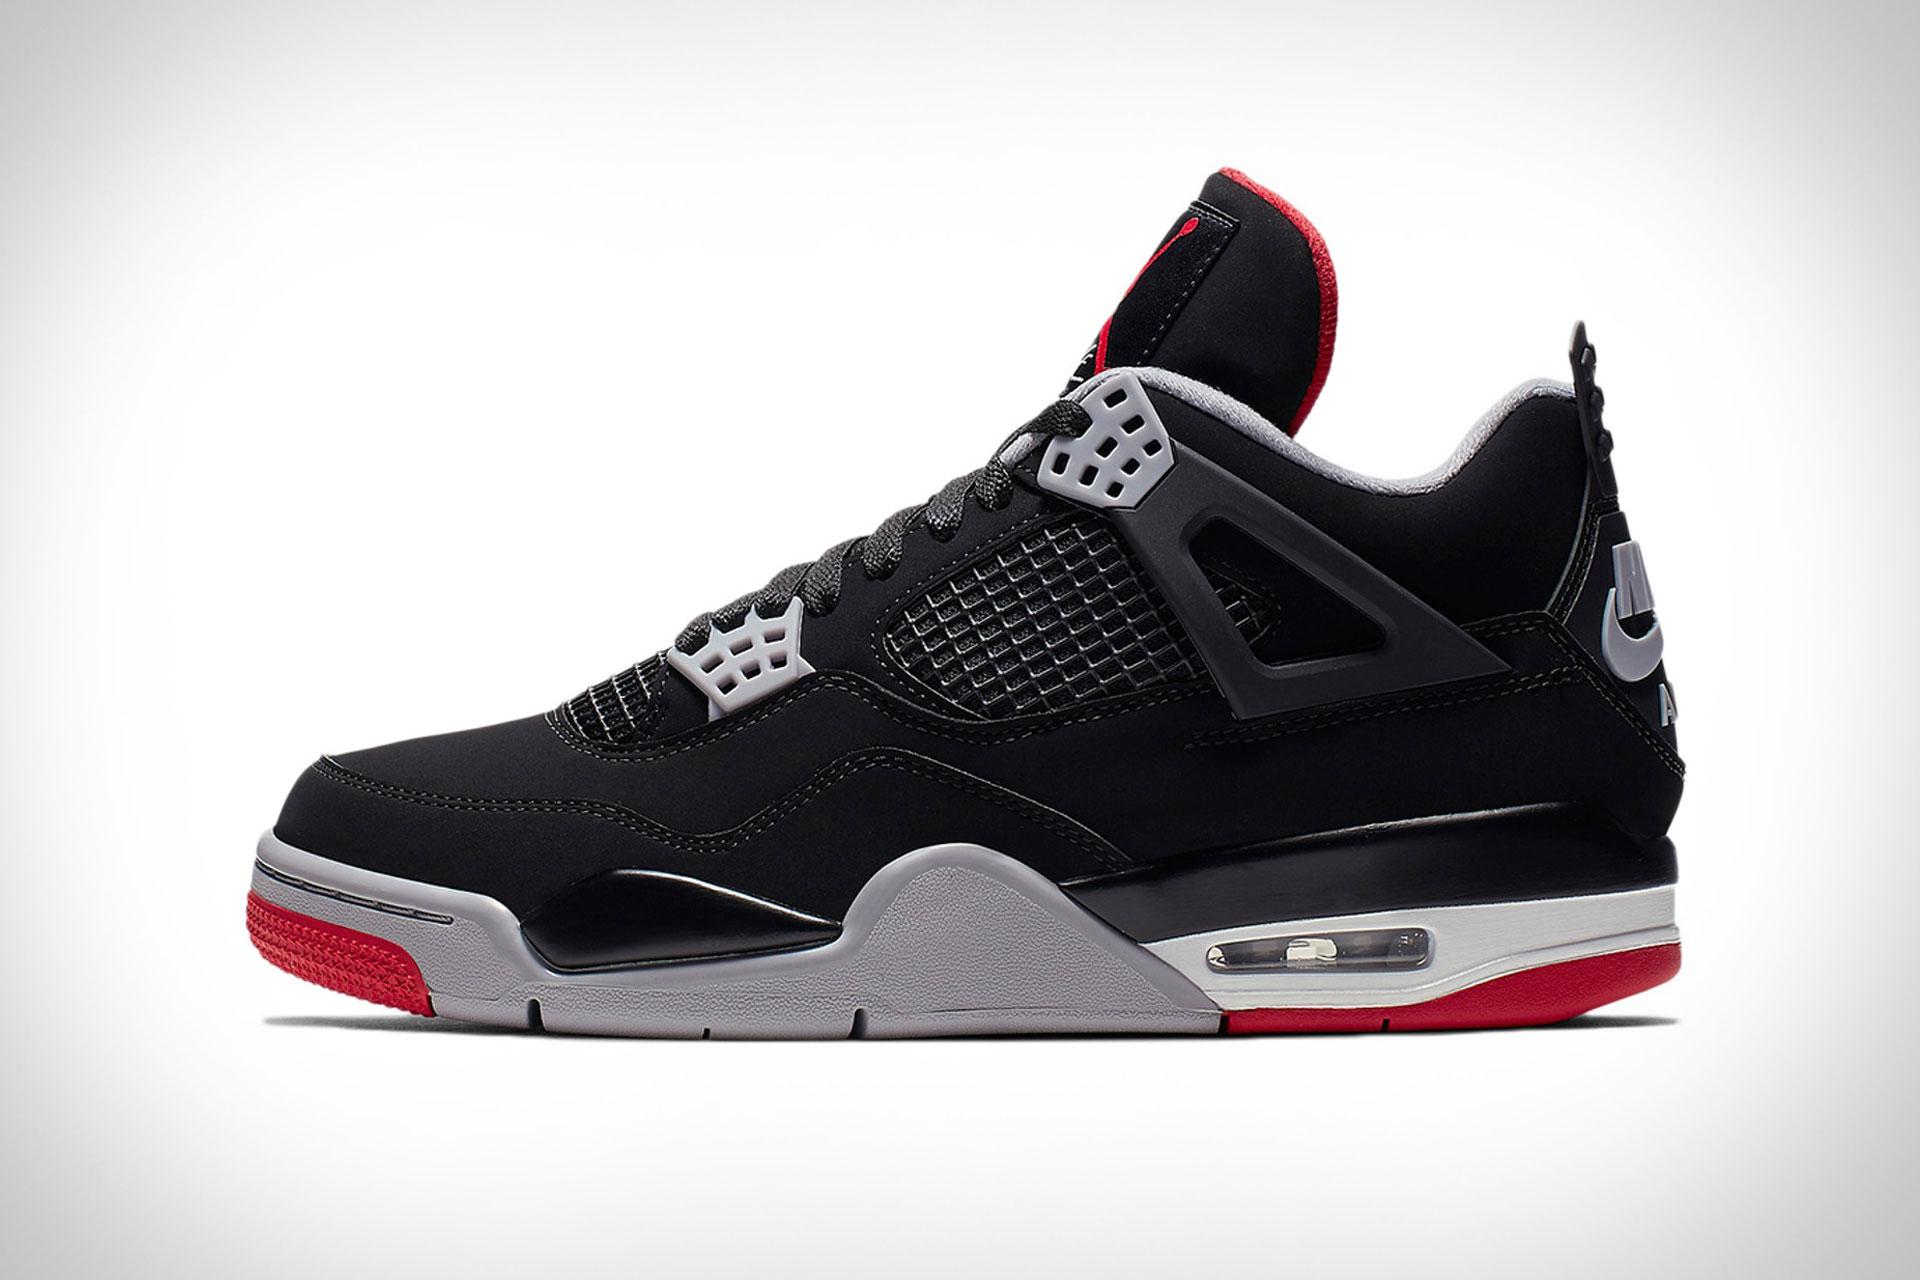 Nike Air Jordan IV Bred Sneakers